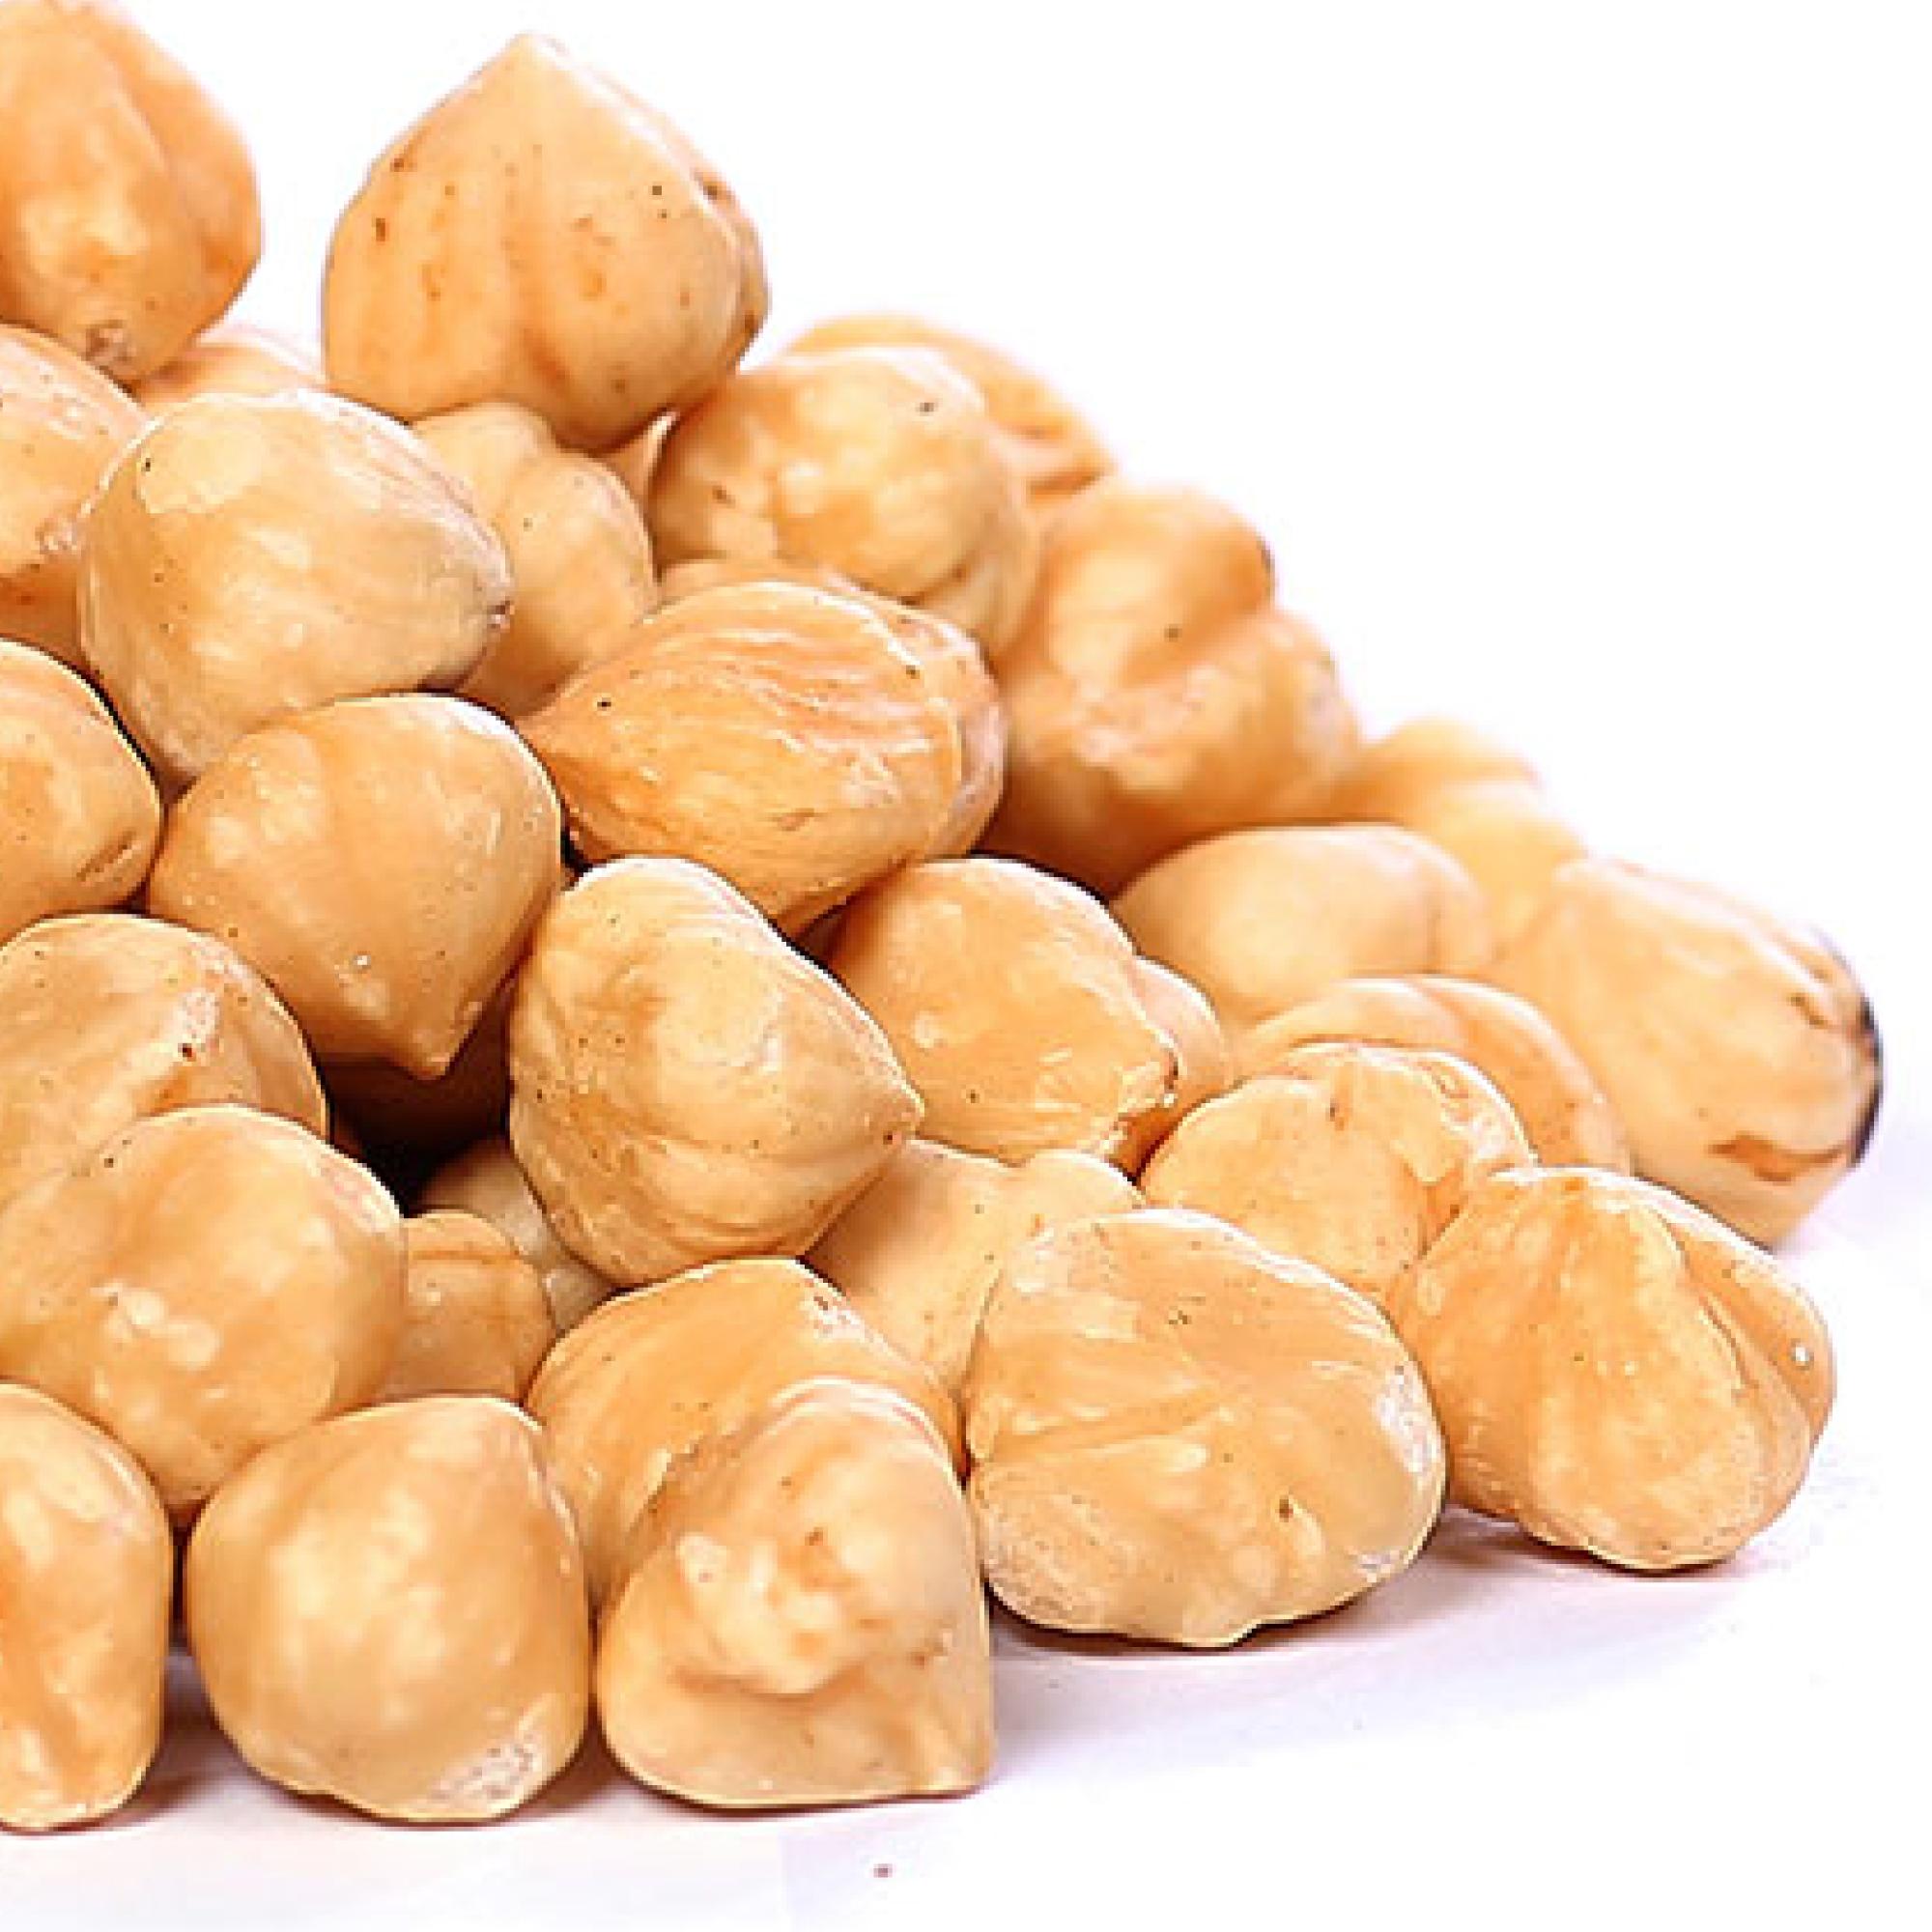 jason-b-graham-blanched-roasted-hazelnuts